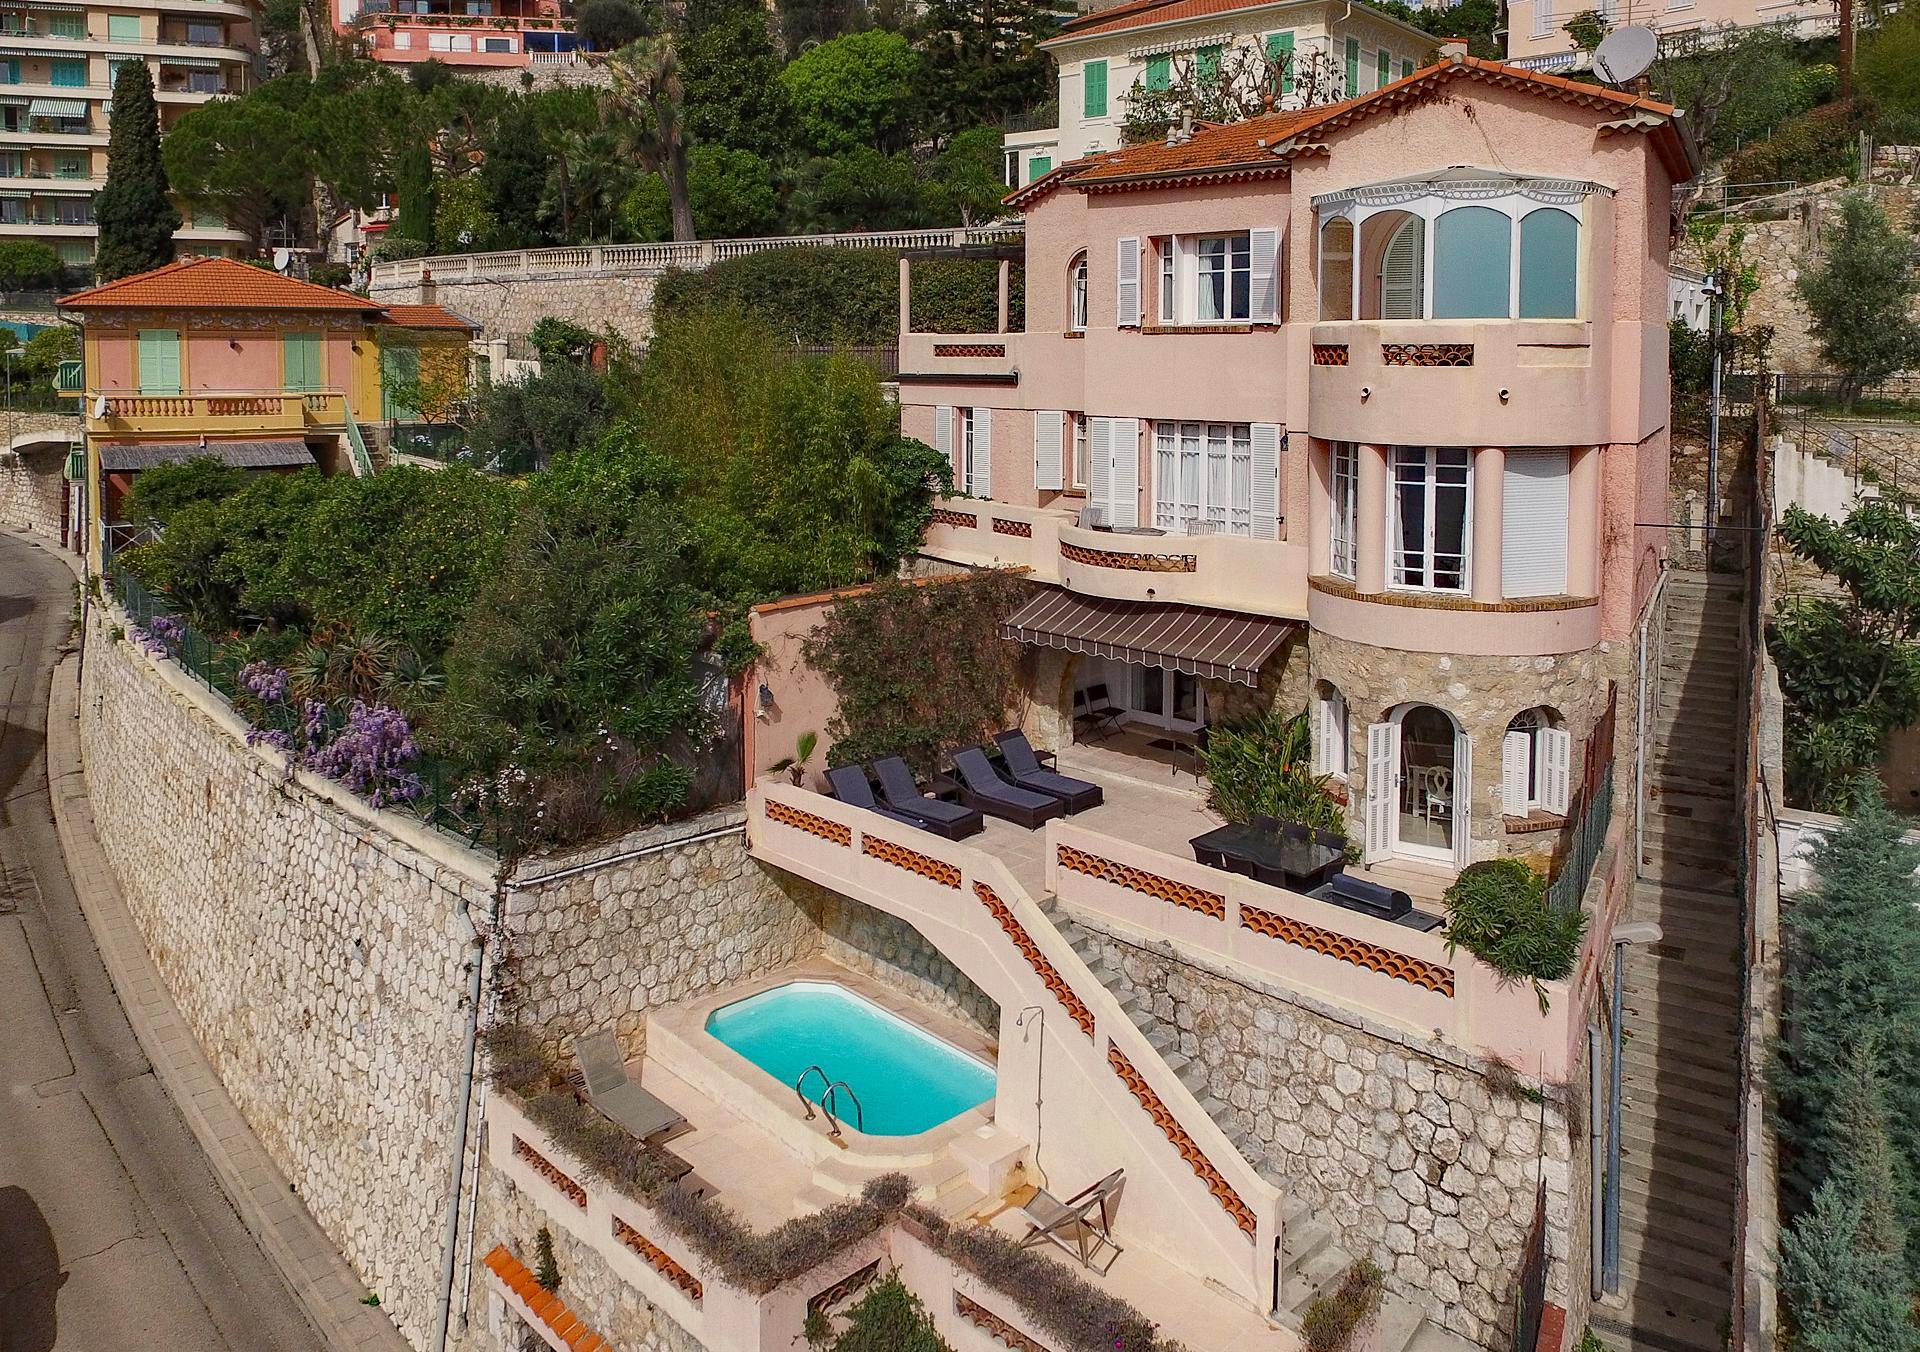 Villa Majestic Villefranche sur mer Cote D azur